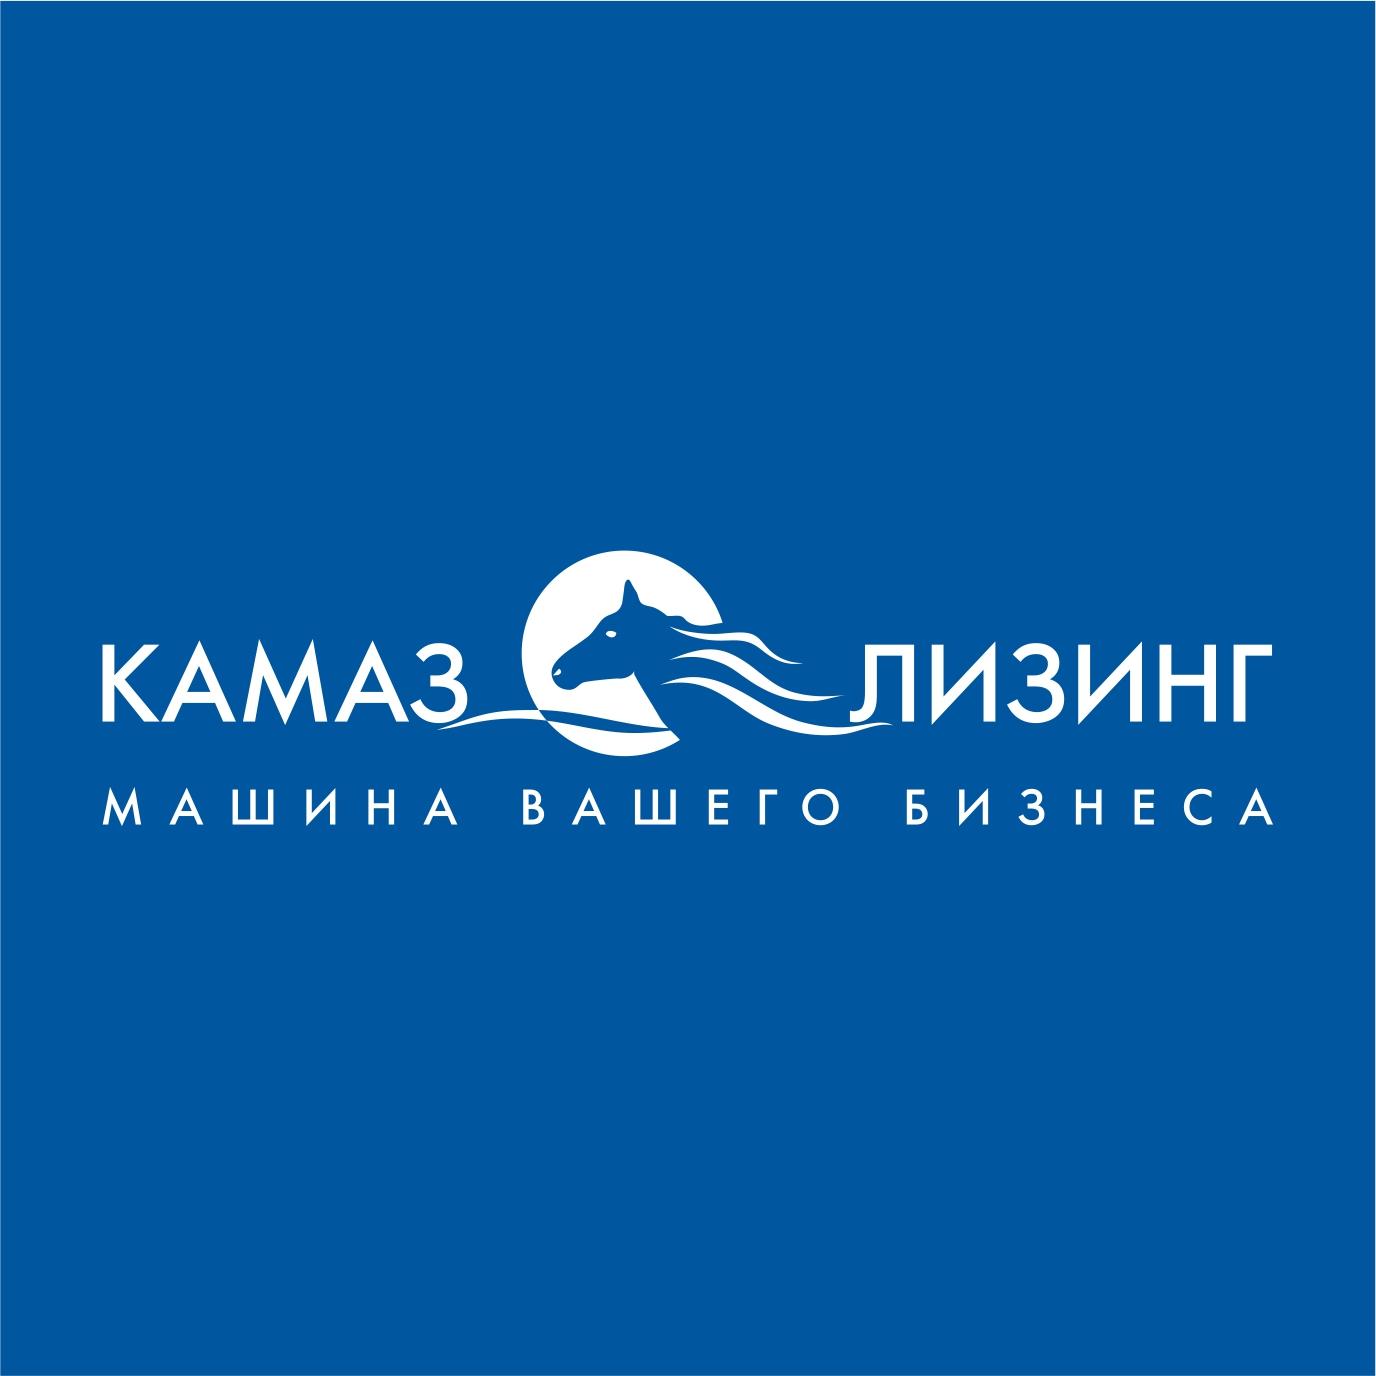 Новые рекорды от «КАМАЗ-ЛИЗИНГа»